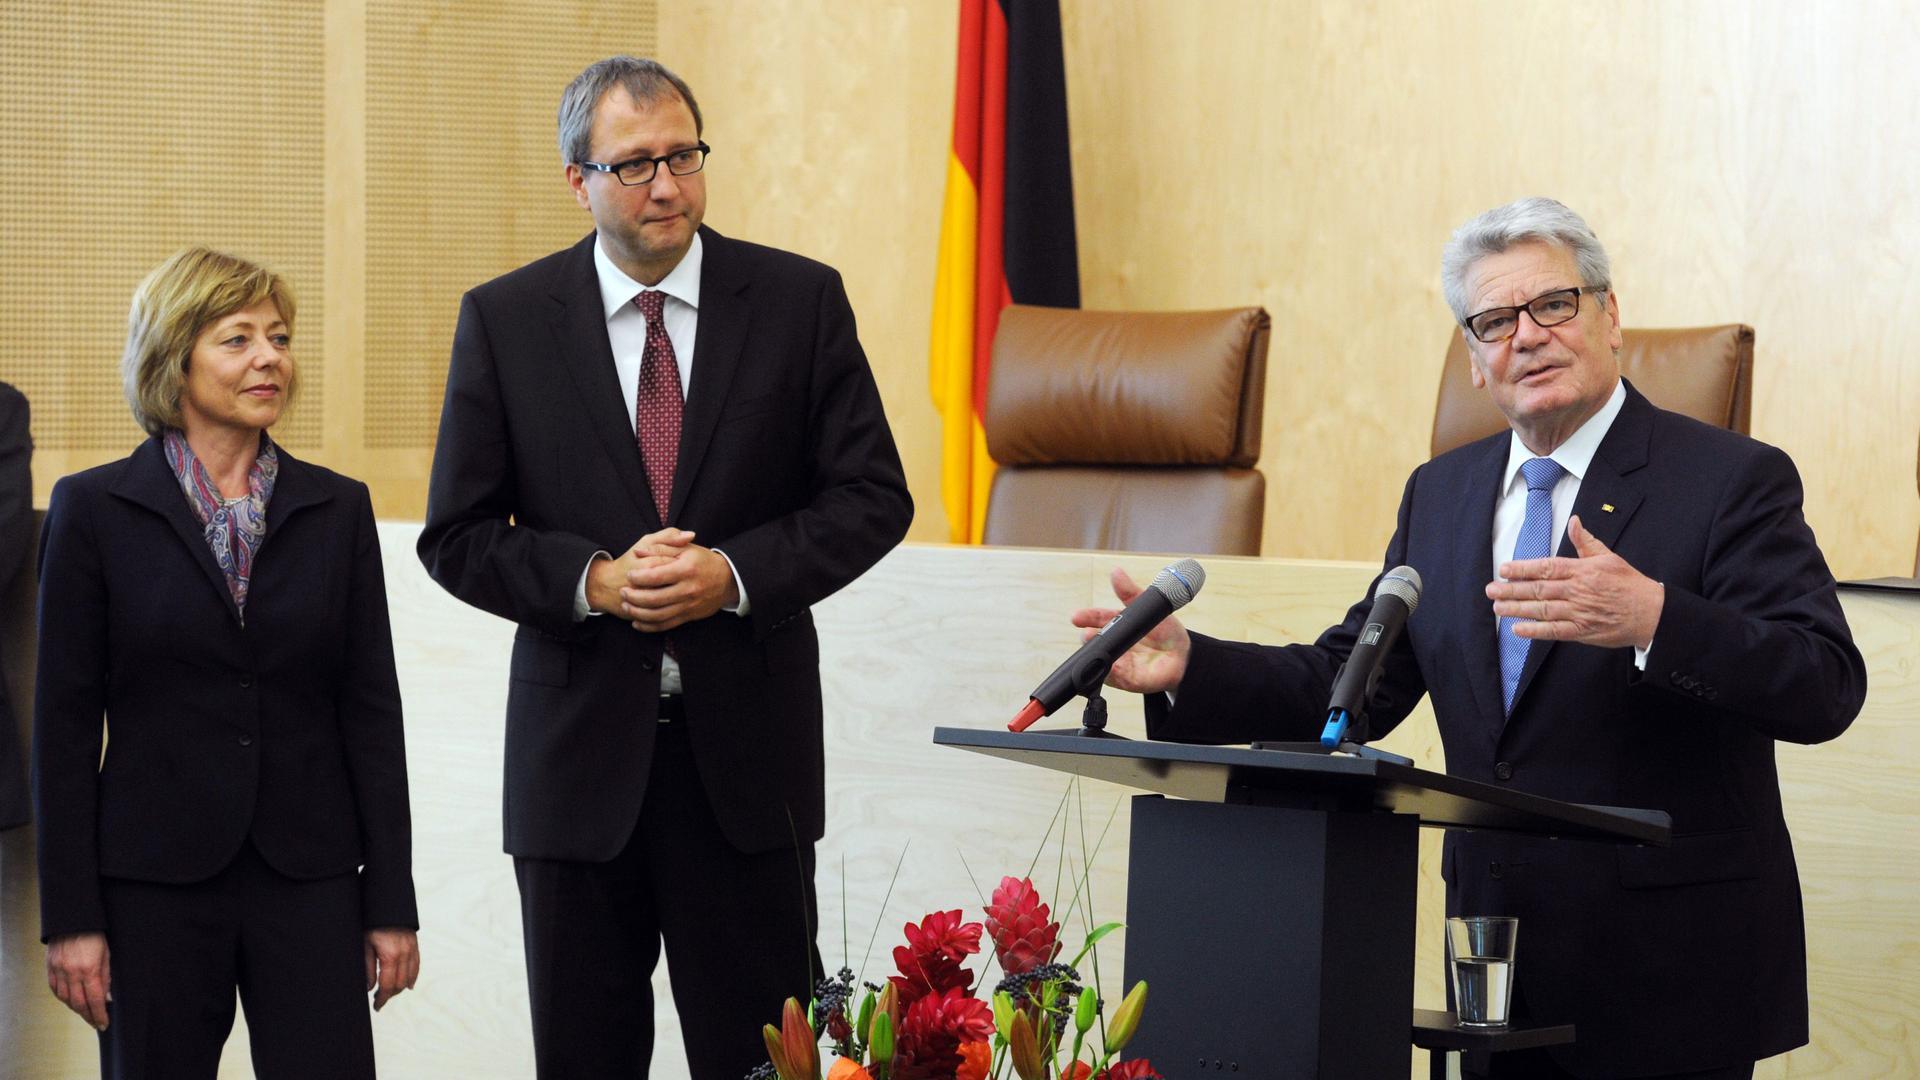 Bundespräsident Joachim Gauck (r) spricht am 18.10.2012 im Sitzungssaal des Bundesverfassungsgericht in Karlsruhe. Links steht Andreas Voßkuhle, Präsident des Bundesverfassungsgericht, sowie Daniela Schadt, Lebensgefährtin des Bundespräsidenten. Anlass ist der Antrittsbesuch von Gauck beim Verfassungsgericht. Foto: Uli Deck/dpa ++